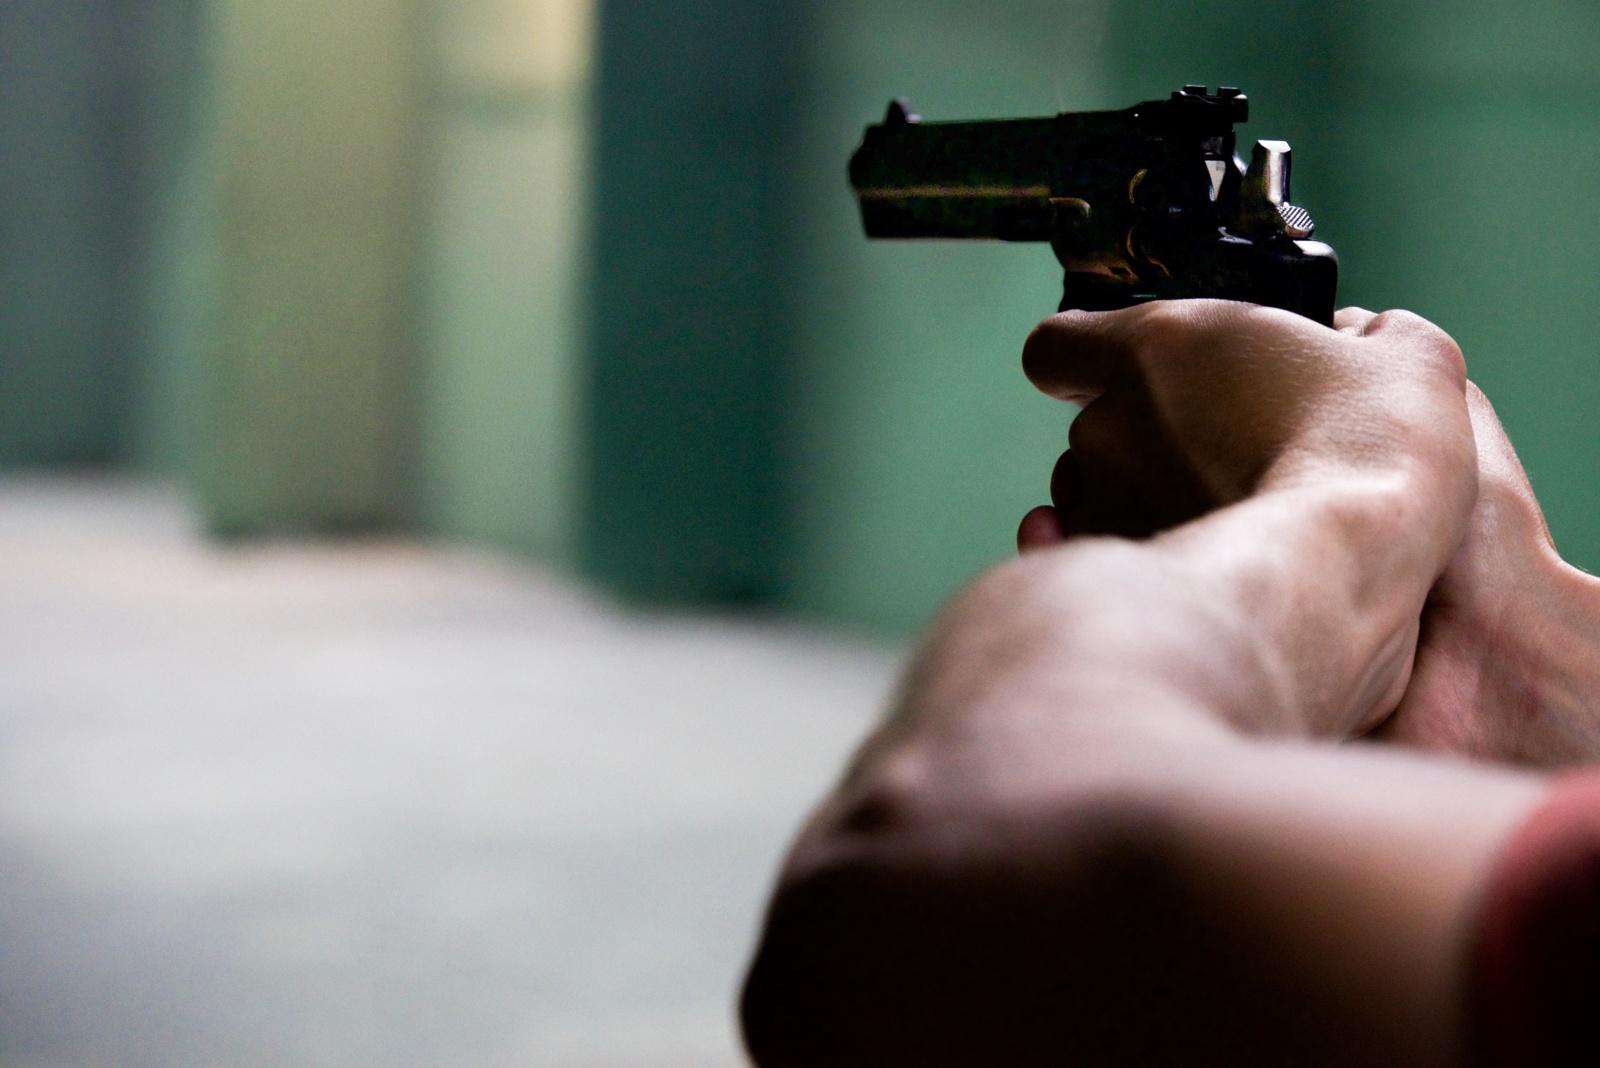 Vyro namuose – ginklų arsenalas